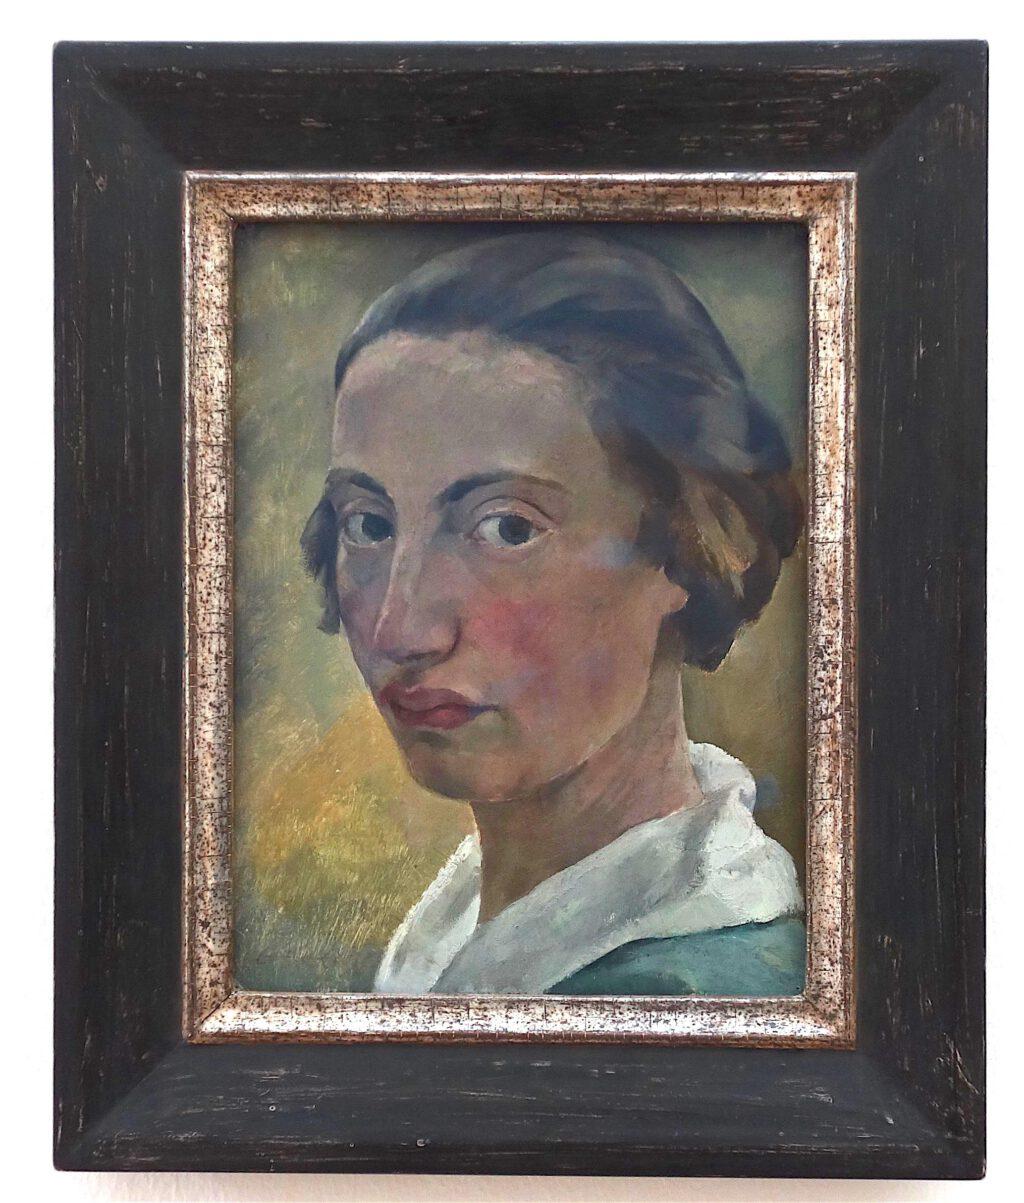 ロッテ・ラーゼルシュタイン「白襟の自画像」厚紙にに油彩、32 x 24 センチ、約1923年